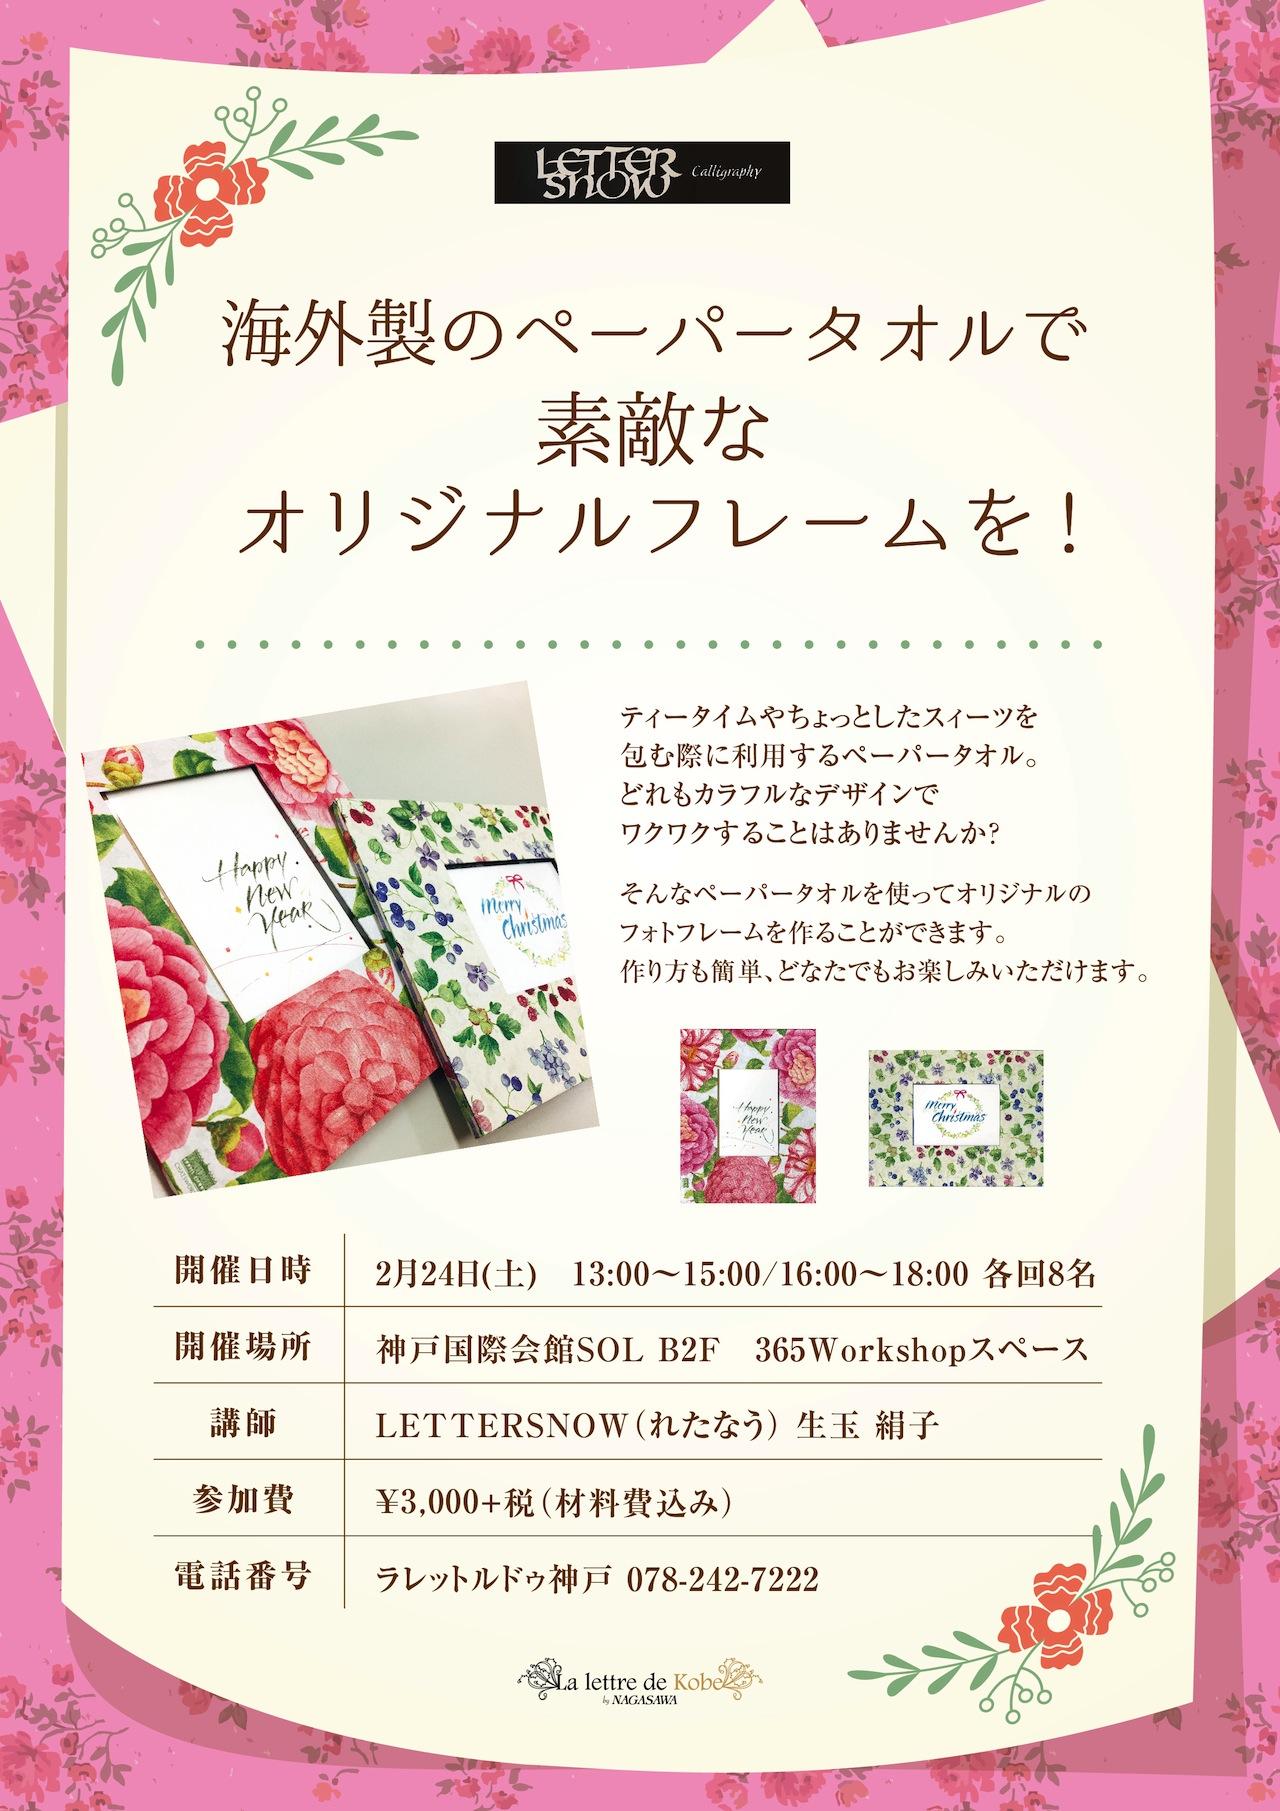 海外製のペーパータオルで素敵な『オリジナルフレーム』をつくりませんか?   神戸国際会館B2F SOL 365workshopスペース